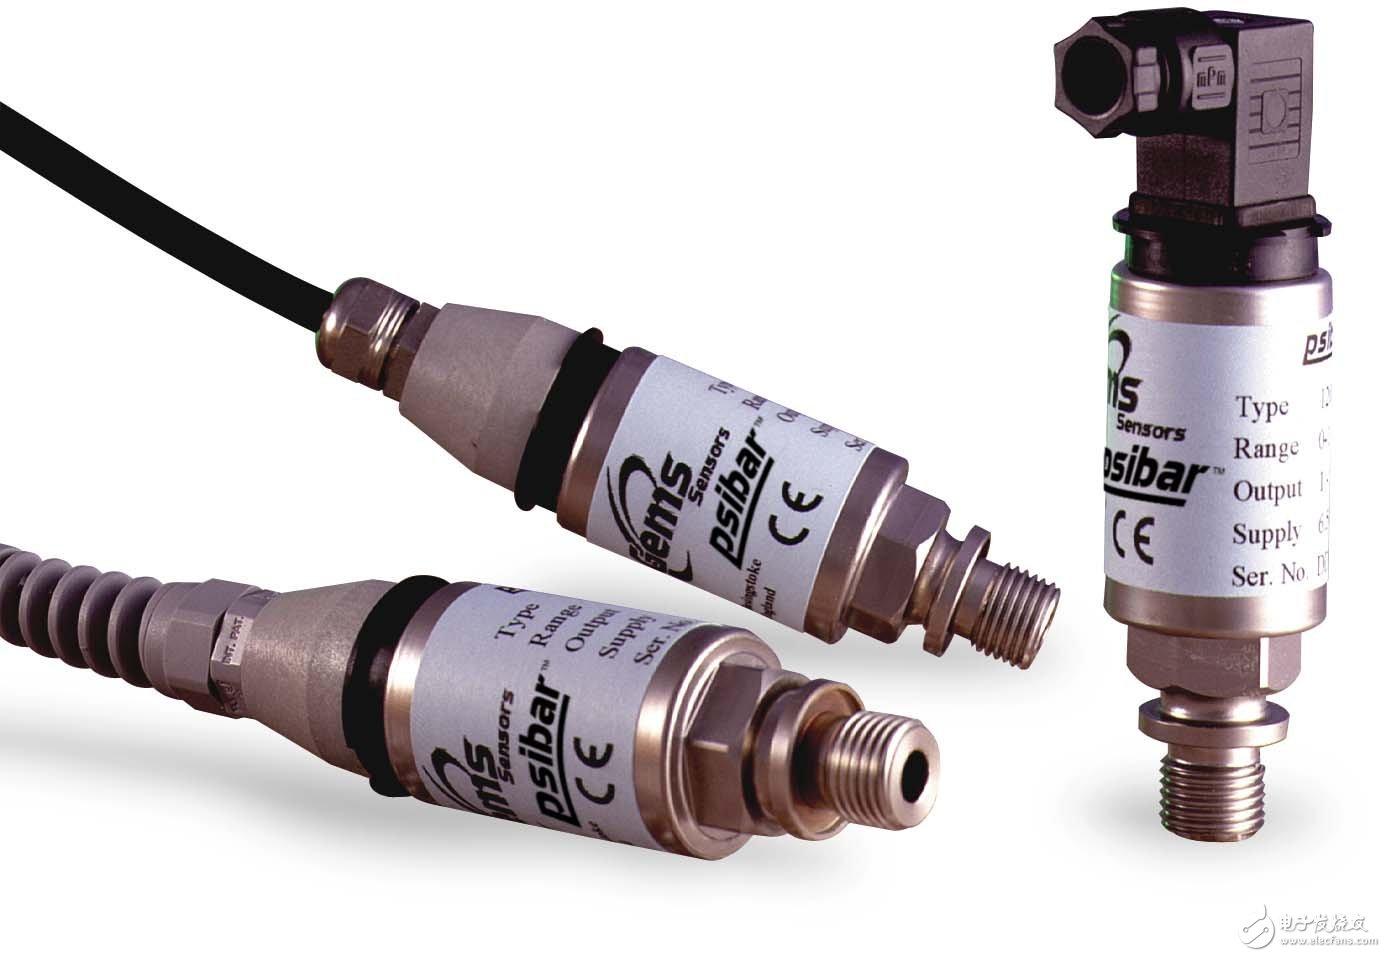 什么是HYDAC压力传感器?HYDAC压力传感器有什么特点和应用?